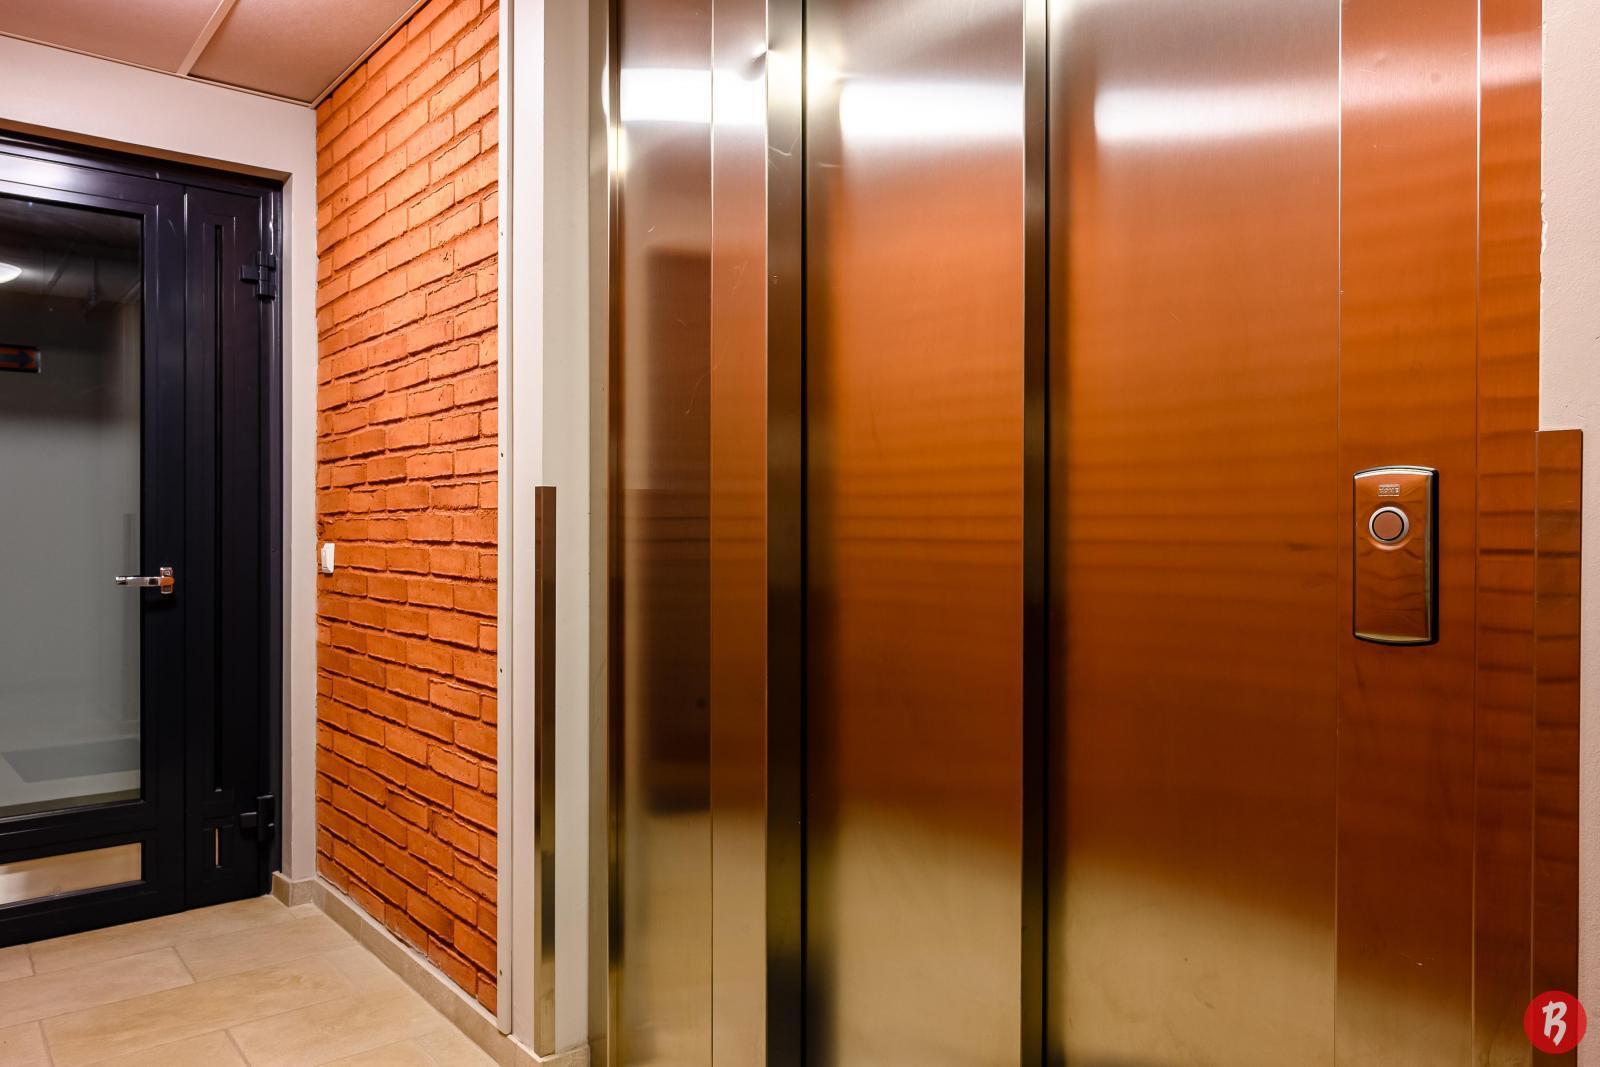 Taloyhtiössä on tilava hissi